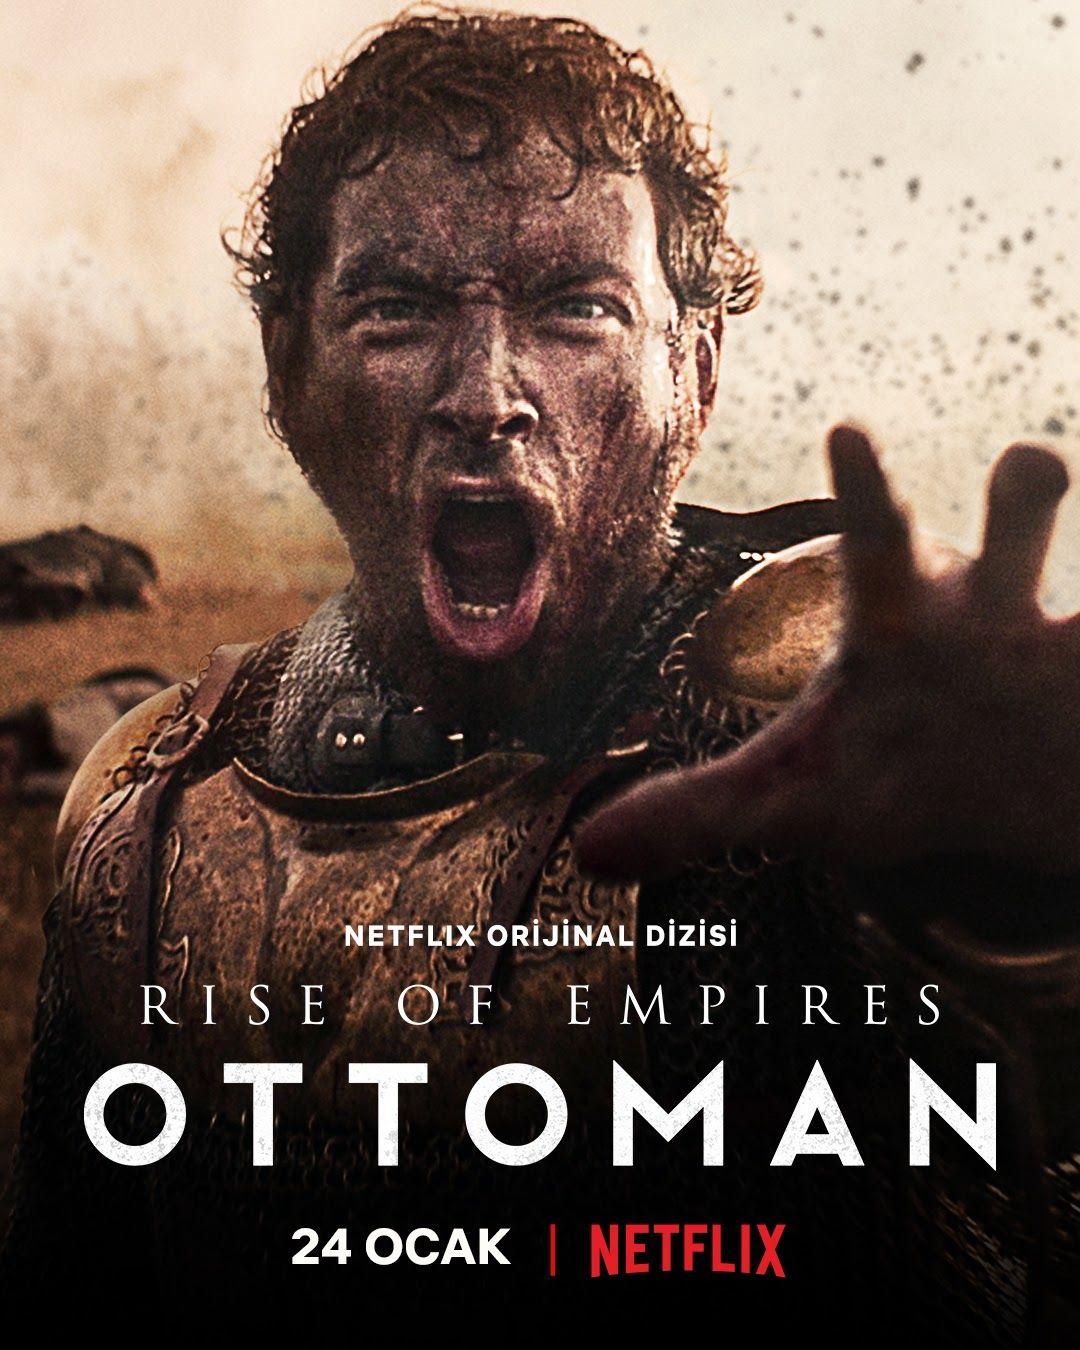 Rise of Empires: Ottoman'ın resmi fragmanı ve afişi paylaşıldı